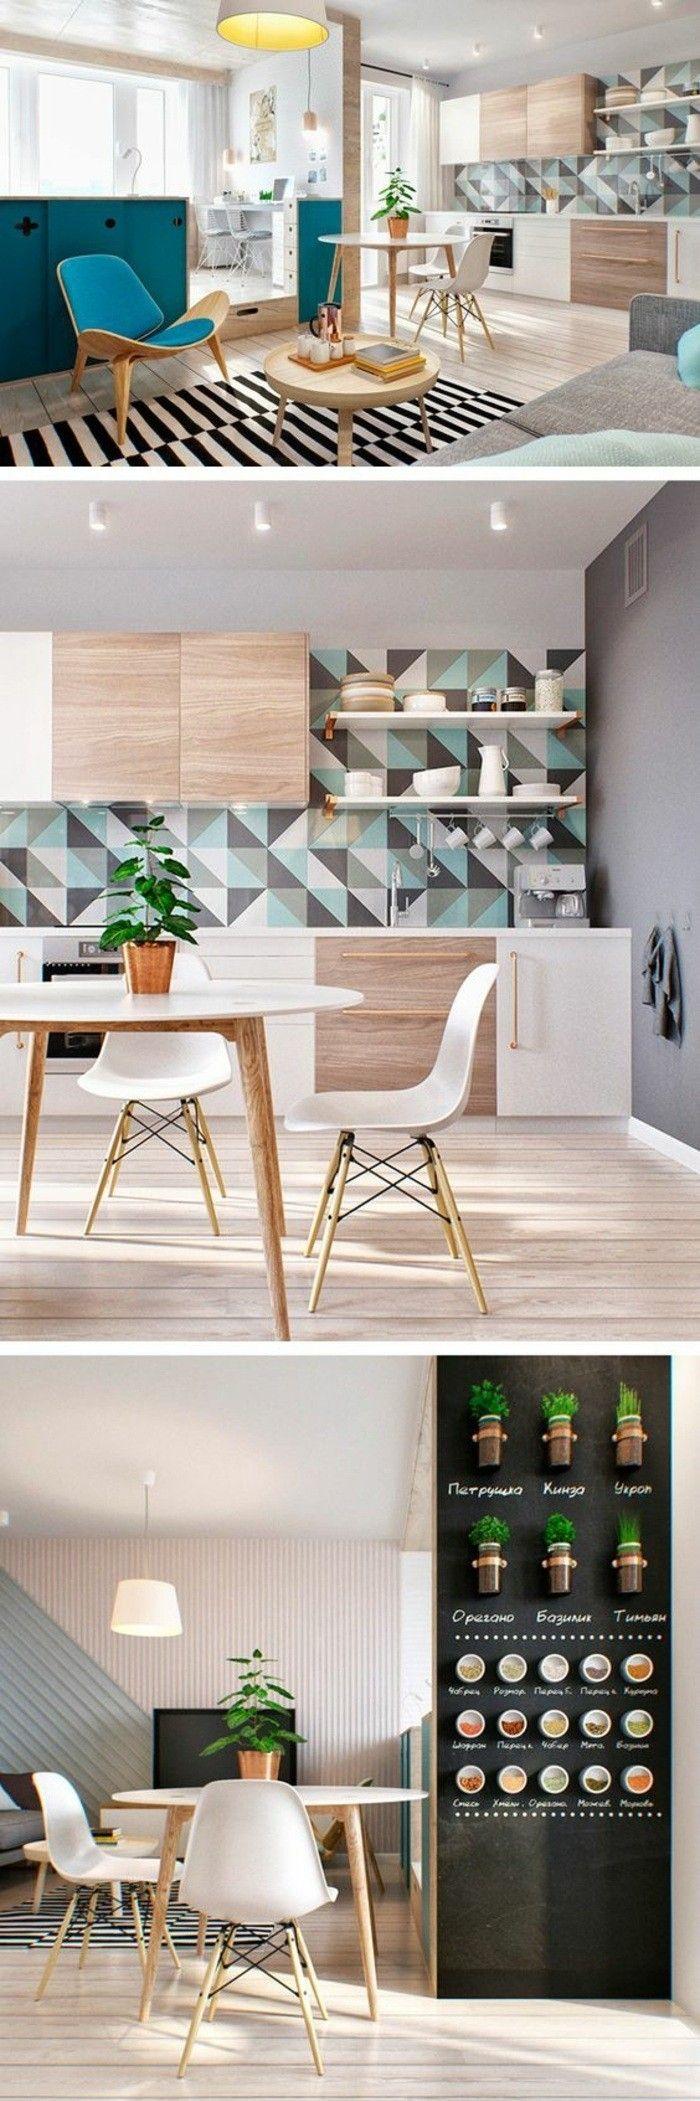 10 küche dekorieren tisch stühle wanddeko teppich kräuter lampe ...